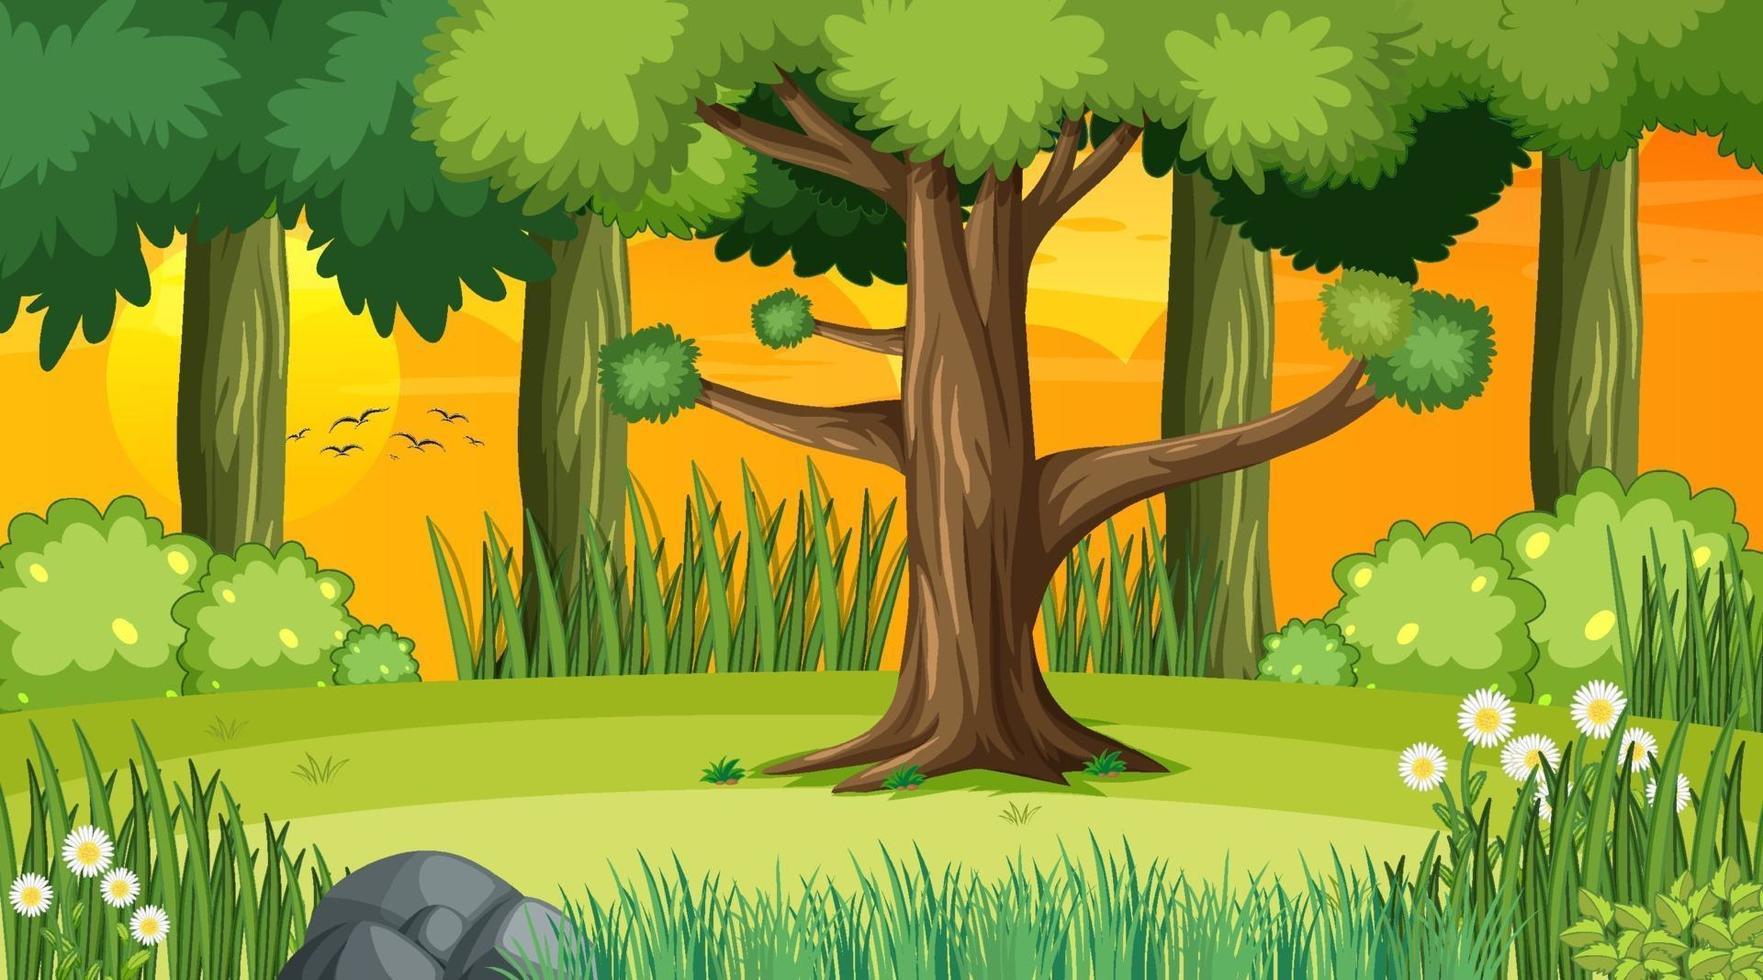 skog landskap scen vid solnedgången vektor